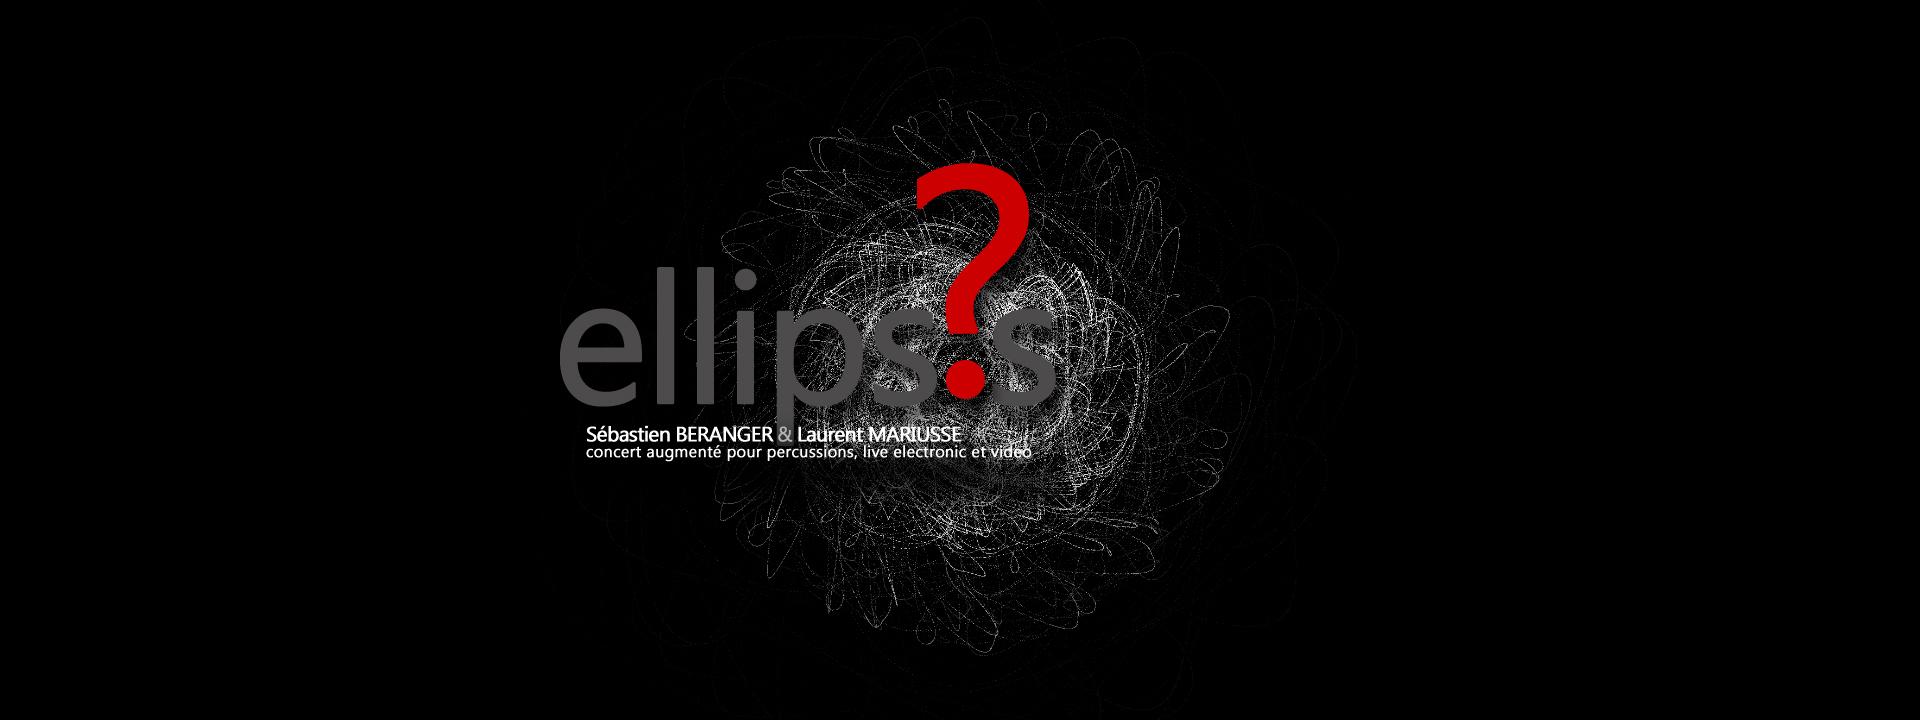 ellips?s